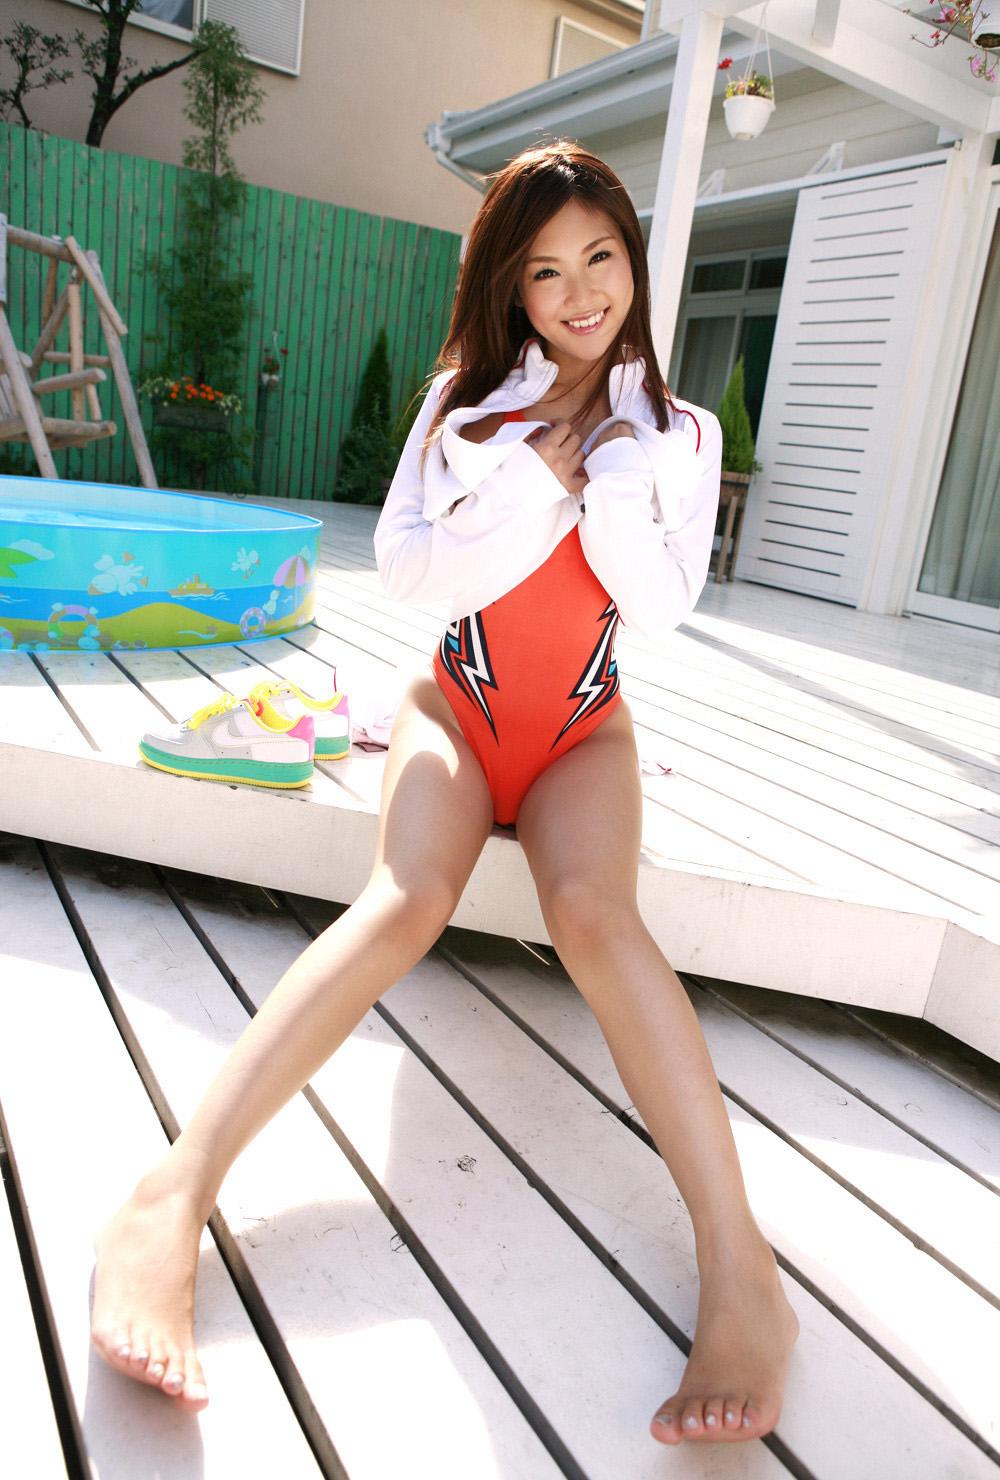 辰巳奈都子 画像 33